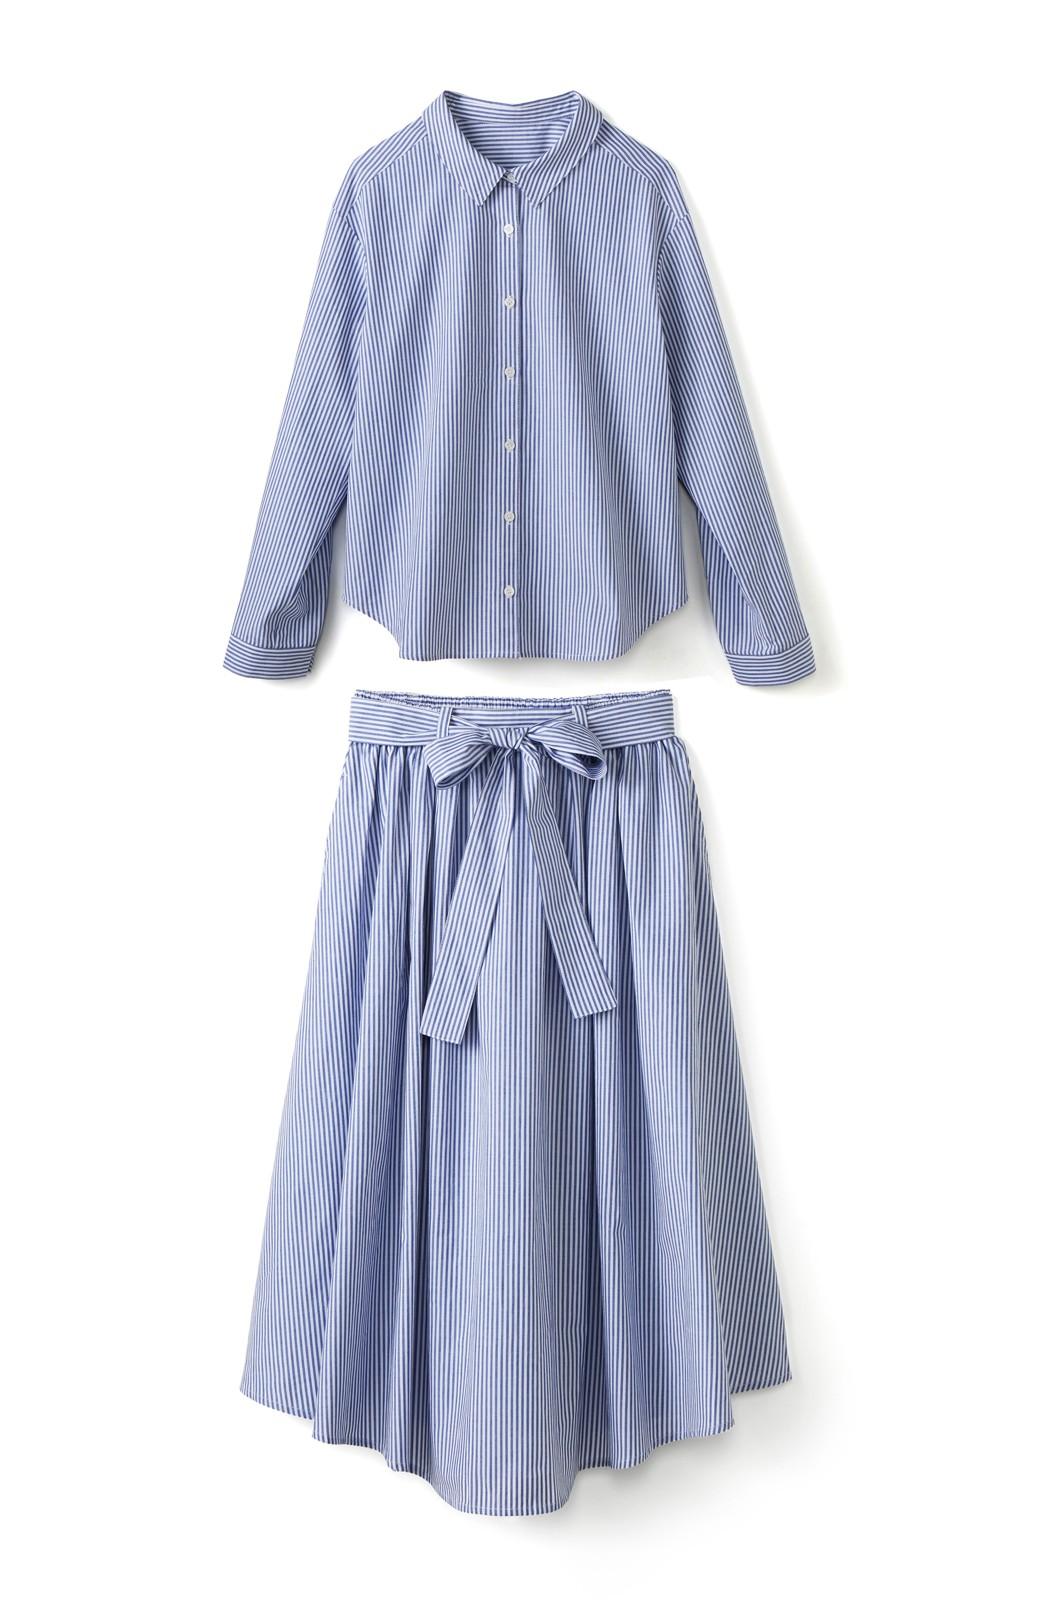 エムトロワ 抜き衿シャツ&ふんわりスカートの総柄セットアップ <ホワイト×ブルー>の商品写真1